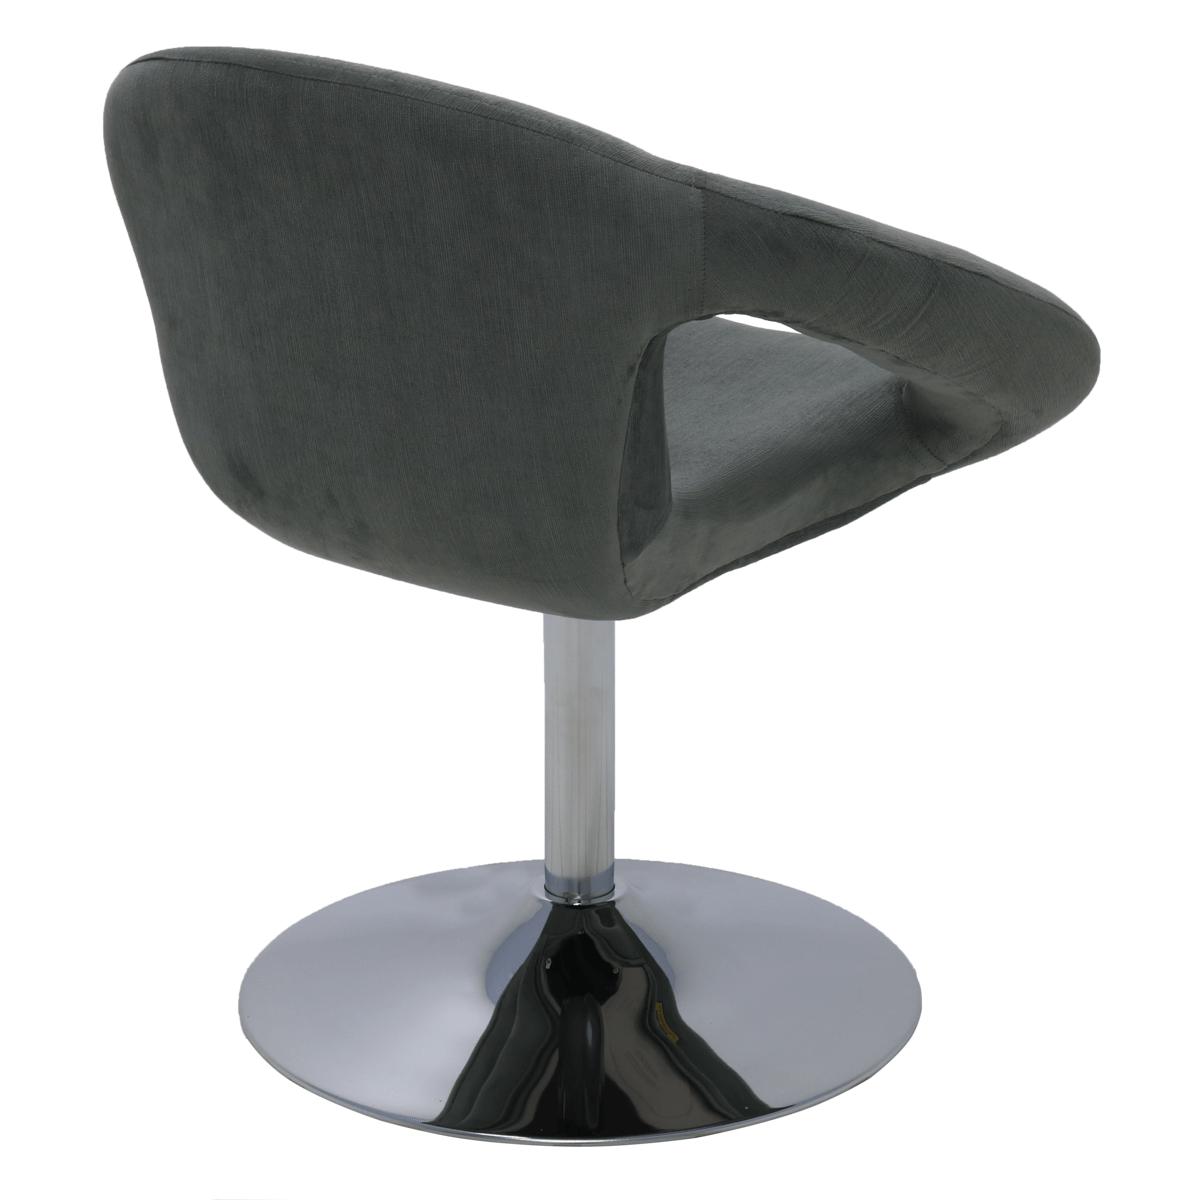 Cadeira Tramontina Delice Estofada Níquel em Polietileno com Base Central 92706212